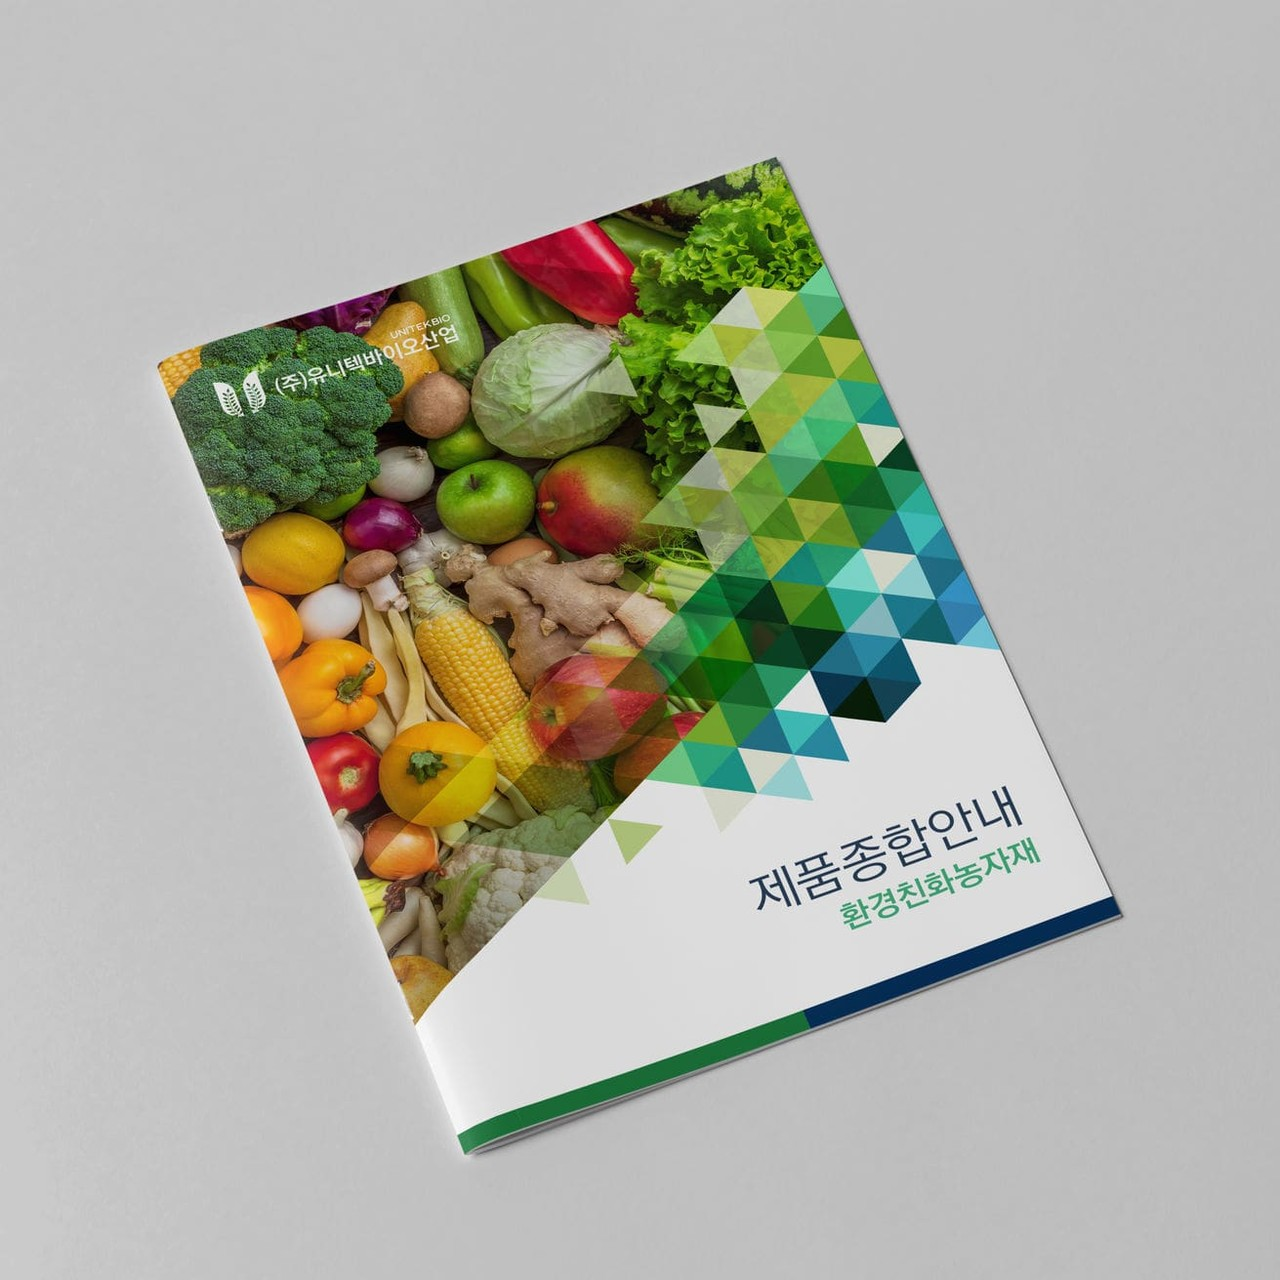 제품종합안내 환경친화농자재 카탈로그 디자인 시안 - 유니텍바이오